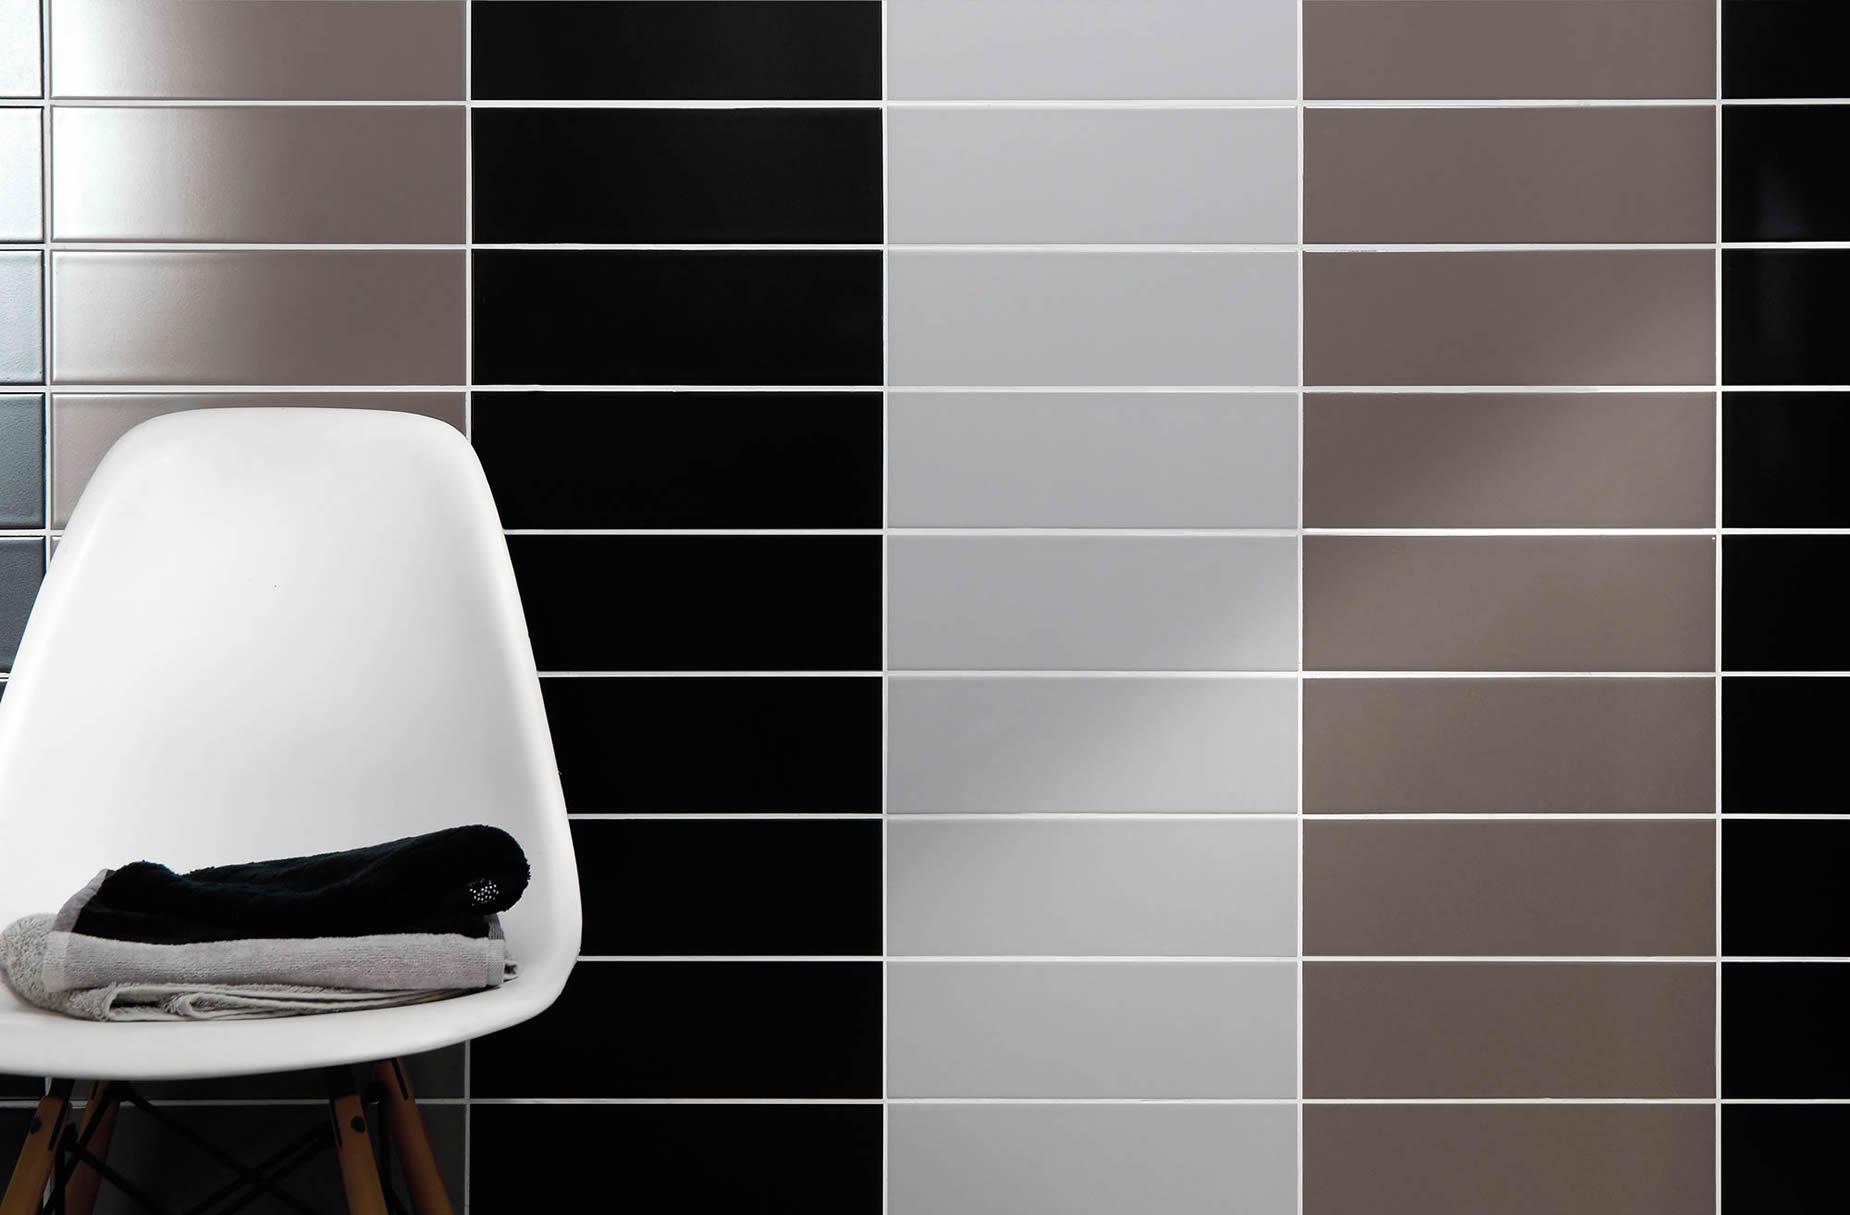 Serie soho pavimenti e rivestimenti musis - Bagno bianco nero ...